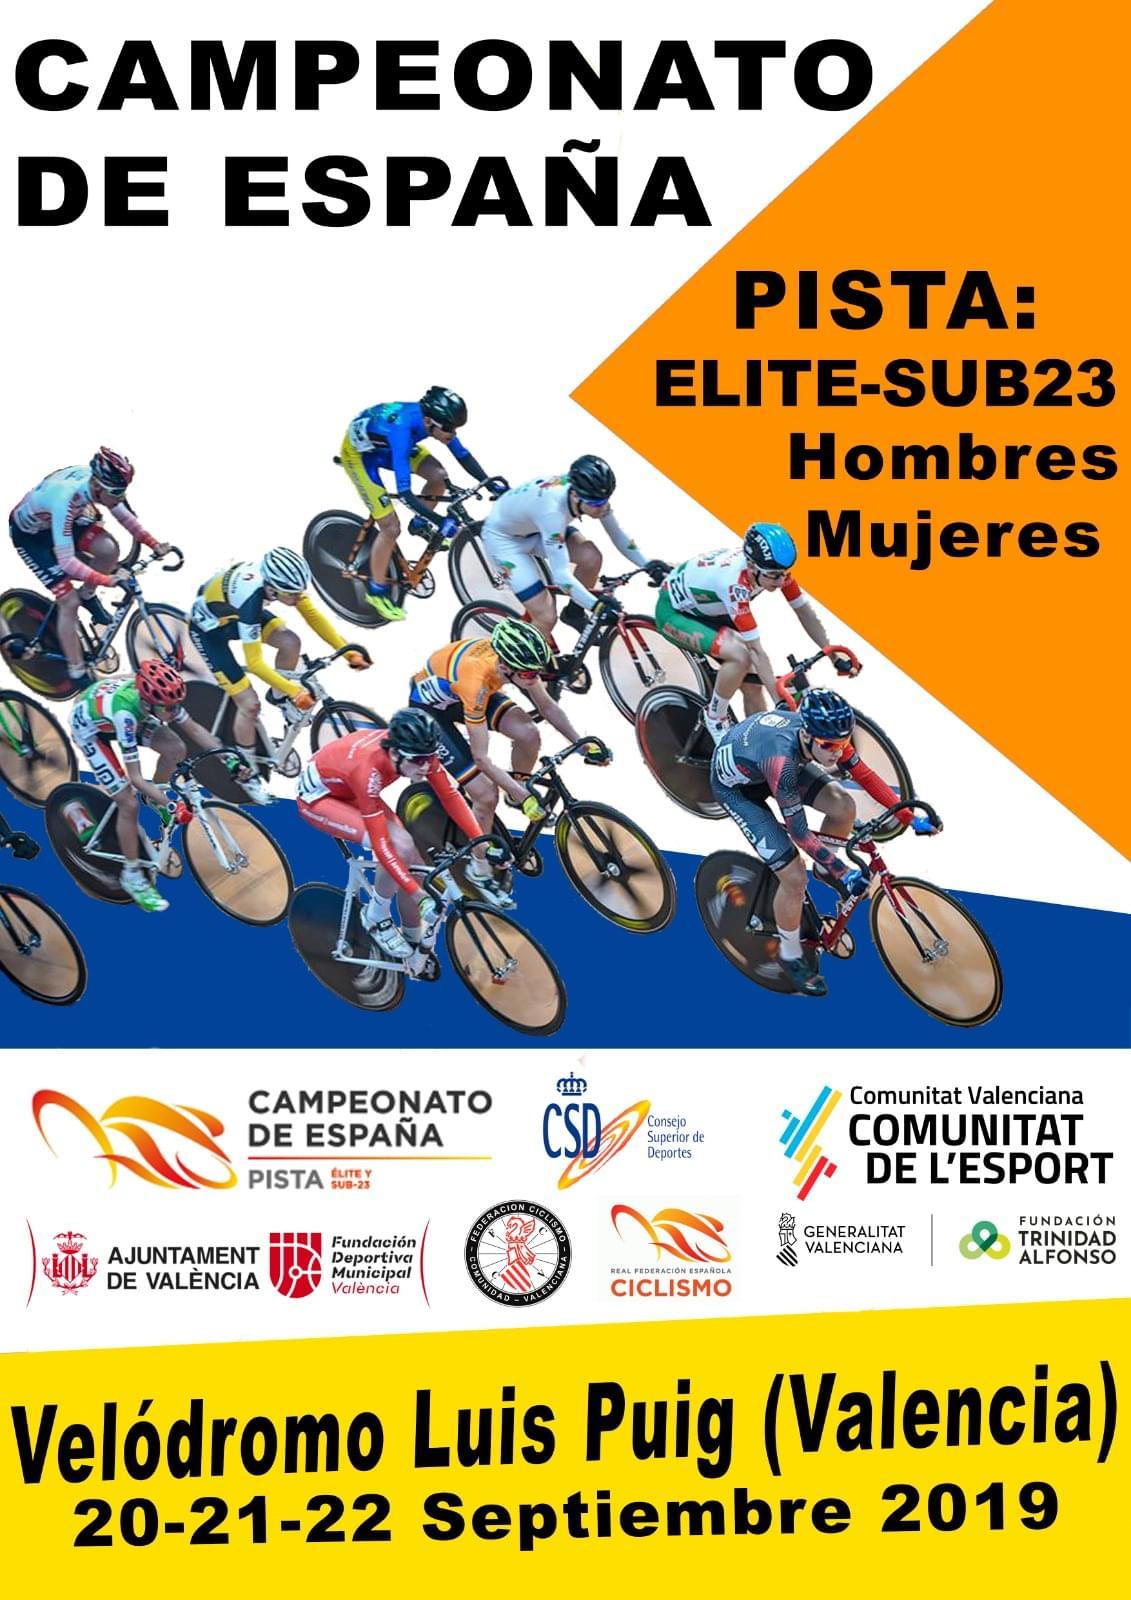 Valencia, sede del Campeonato de España de Pista 2019